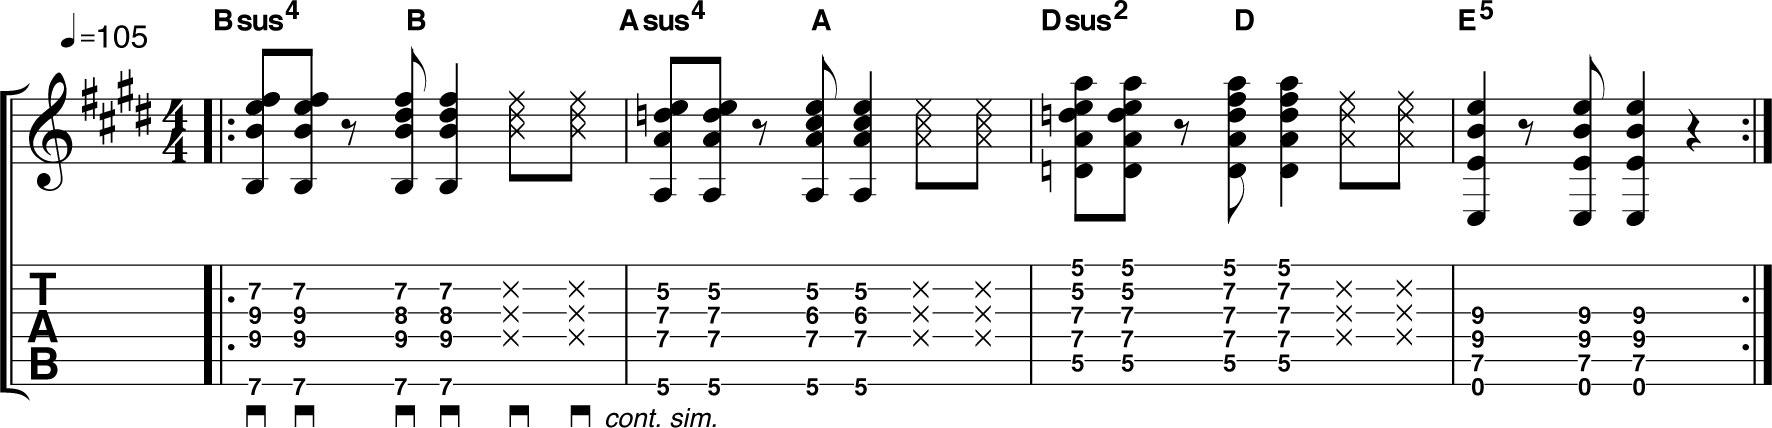 sus-chords-tab